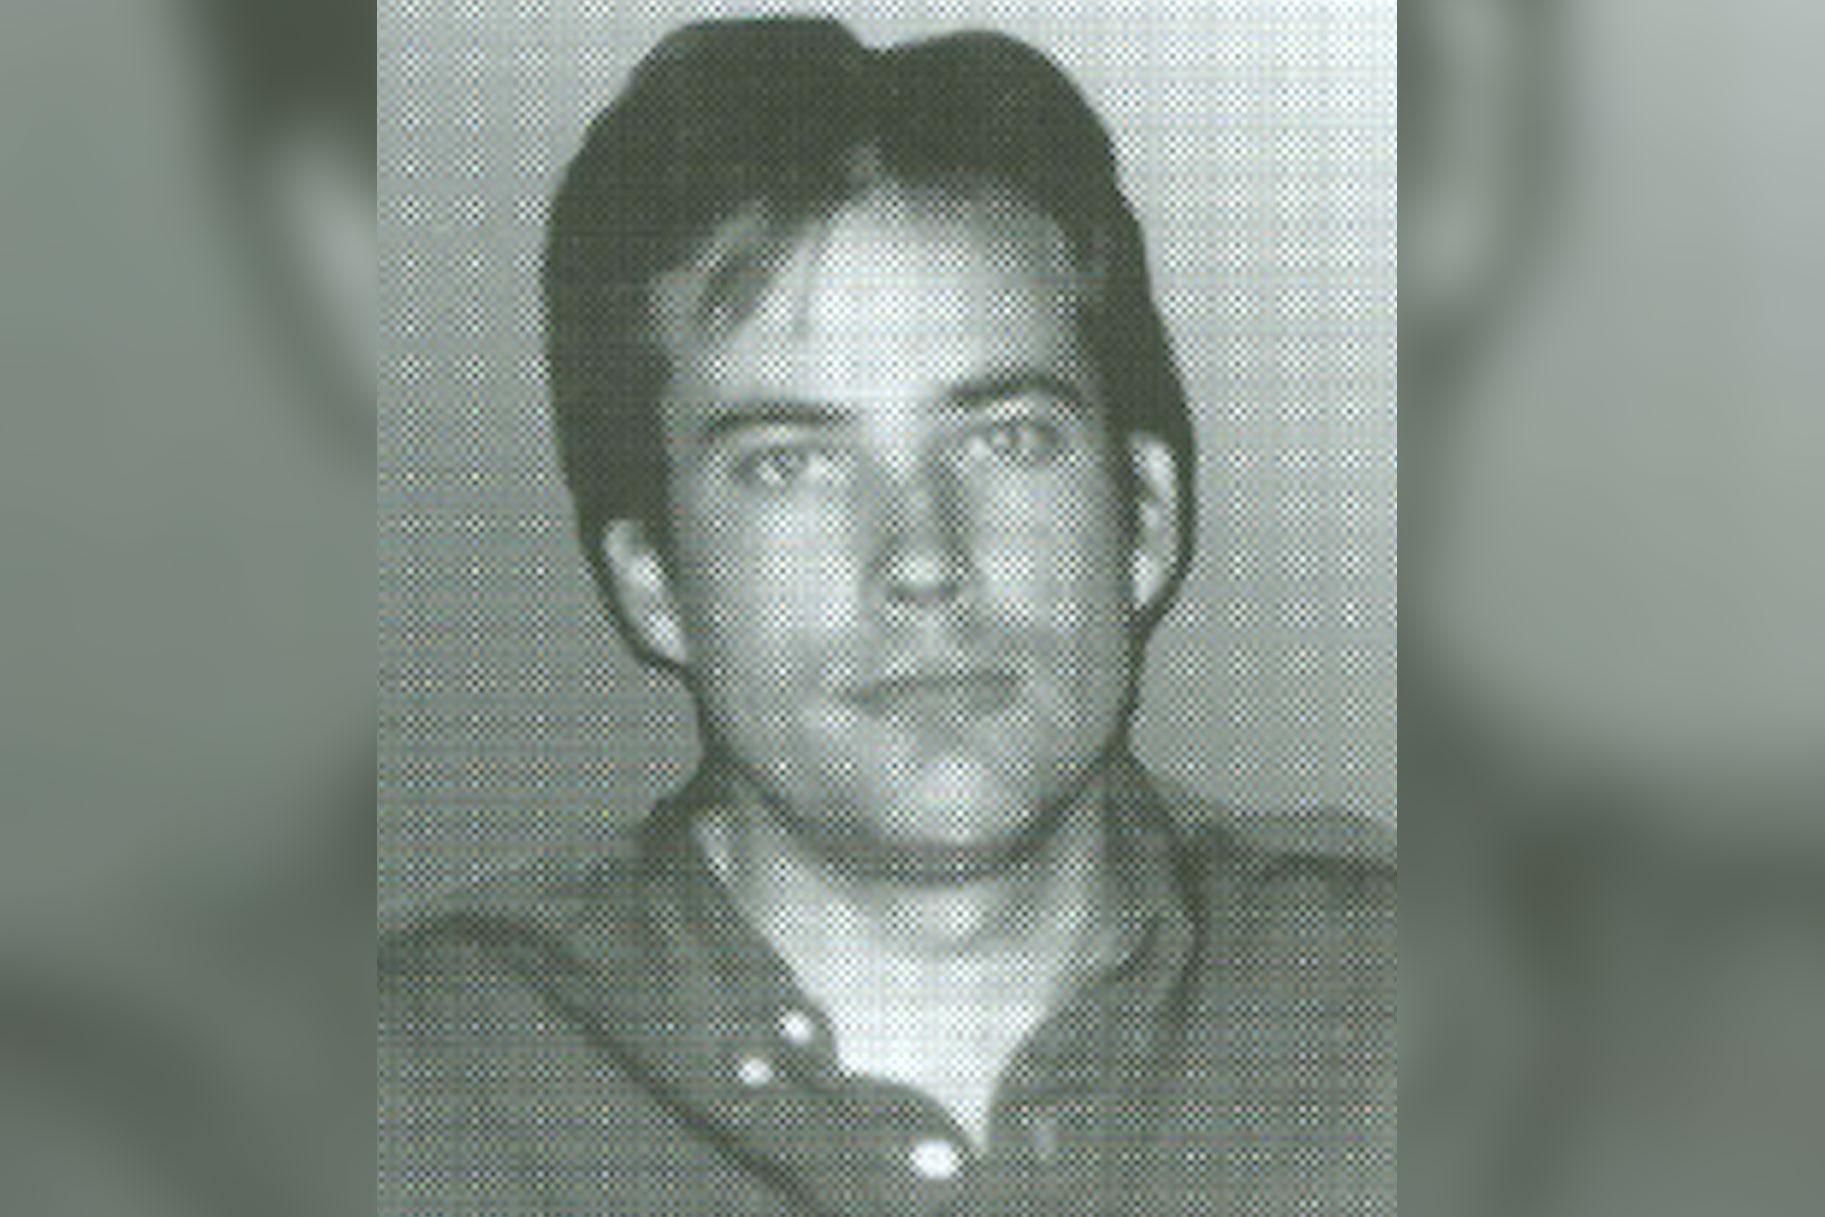 Adakah Eric Rudolph Benar-benar Melakukan Pembunuhan Semasa Berlari Setelah Mengebom Olimpik, Seperti yang Dilihat di 'Manhunt: Deadly Games?'